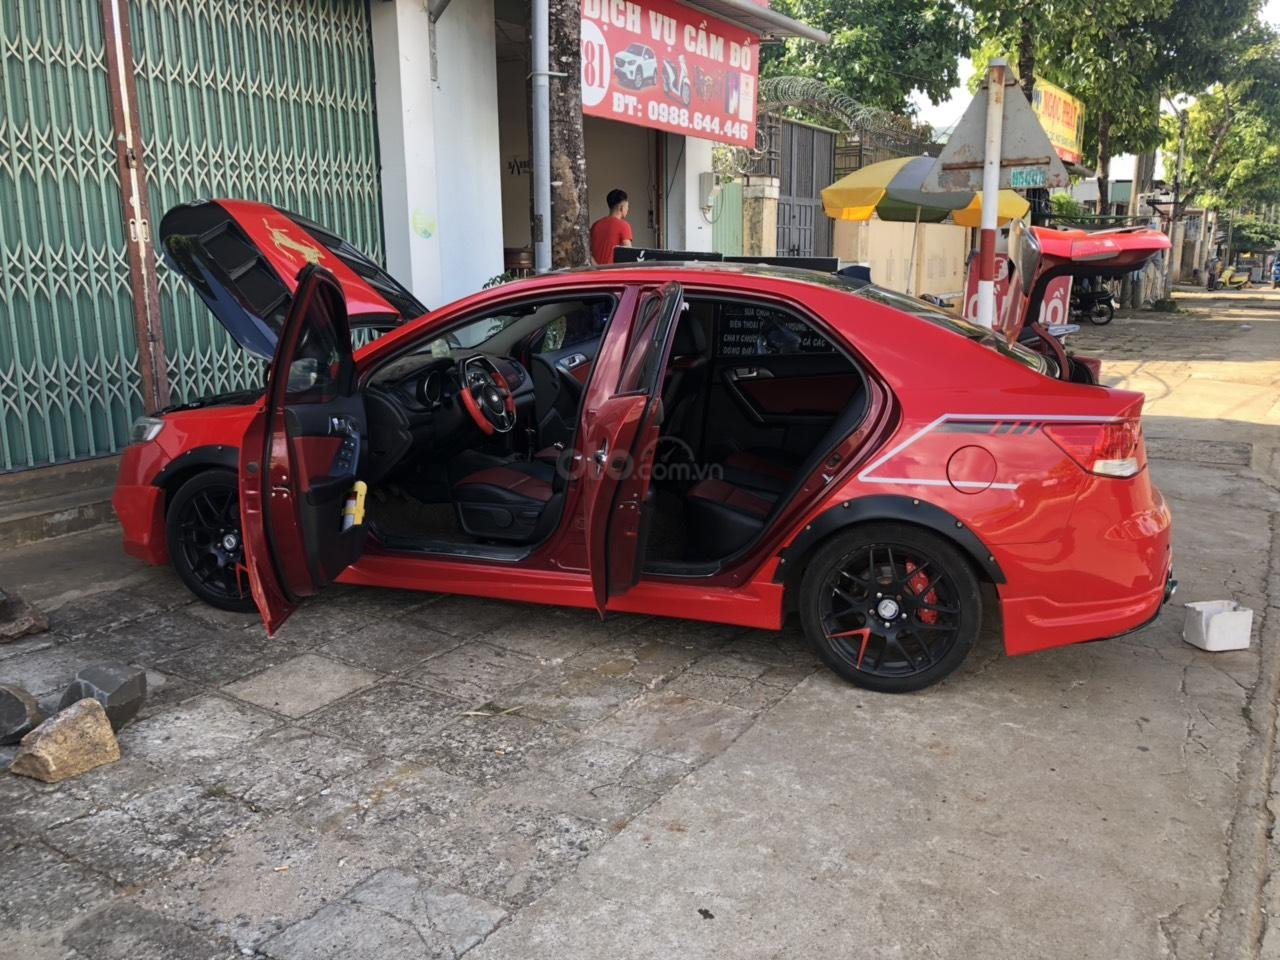 Cần bán Kia Forte sx 2010, xe full đồ chơi tầm 80tr, xe mình đi nên giữ gìn kĩ, xem xe thích ngay, LH: 0988644446 (11)